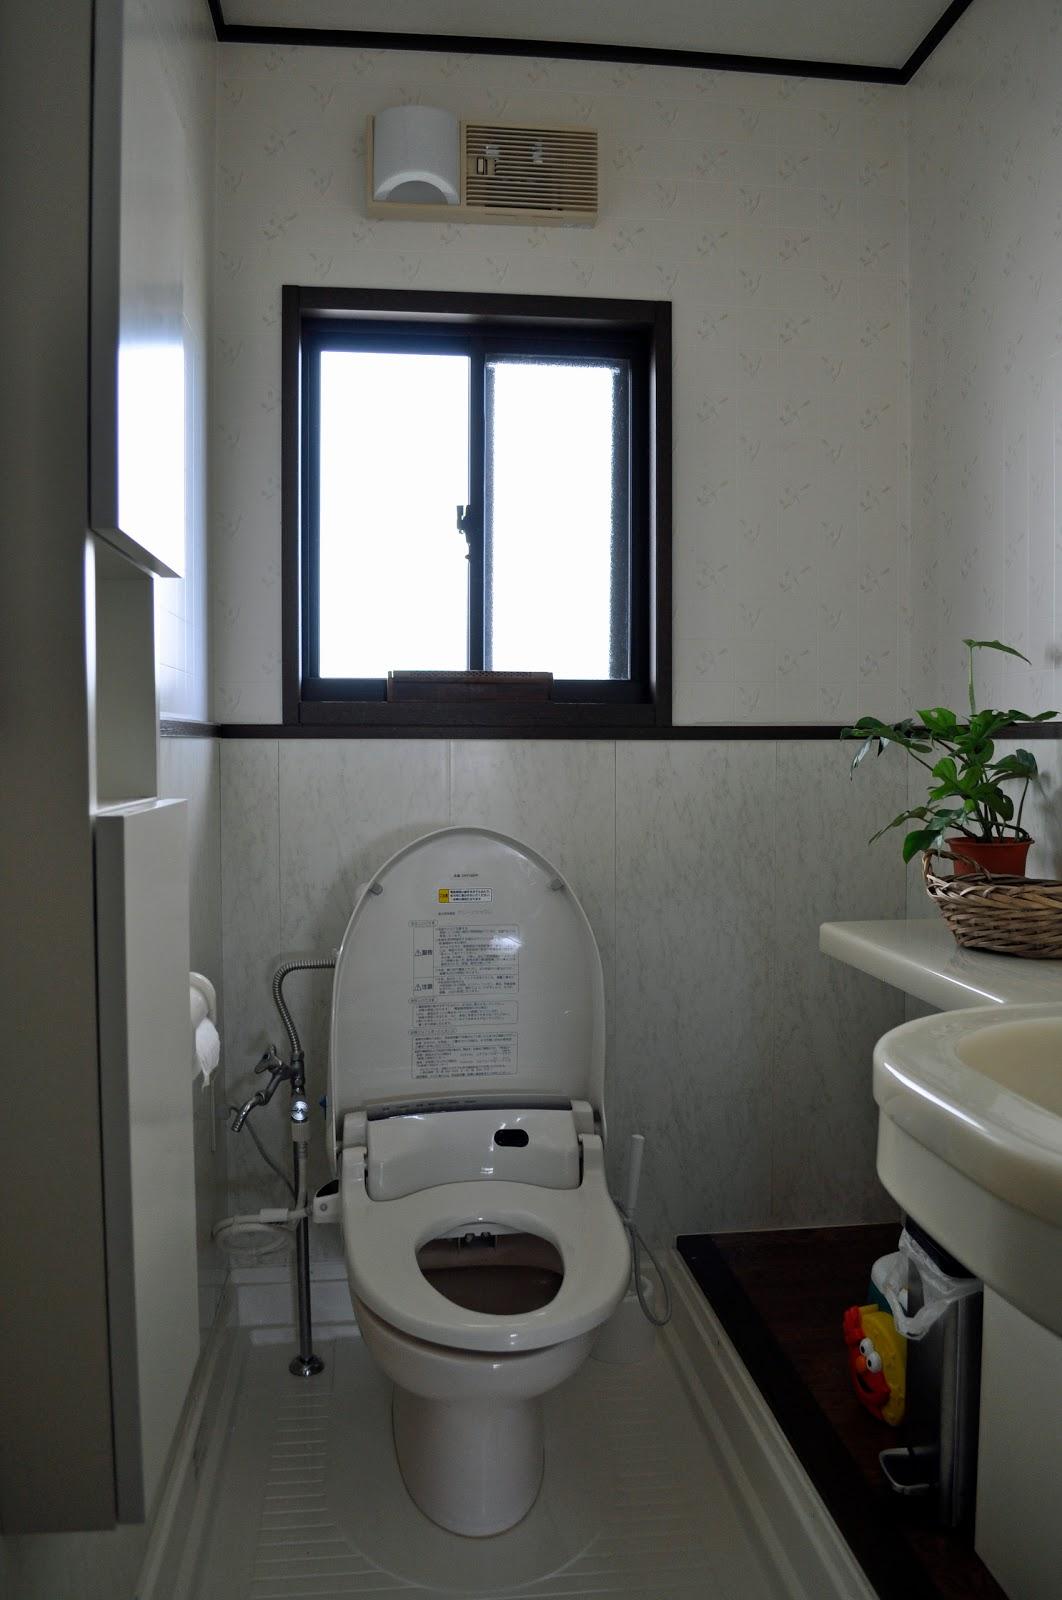 いきましょう!: My Japanese bathroom - part 2